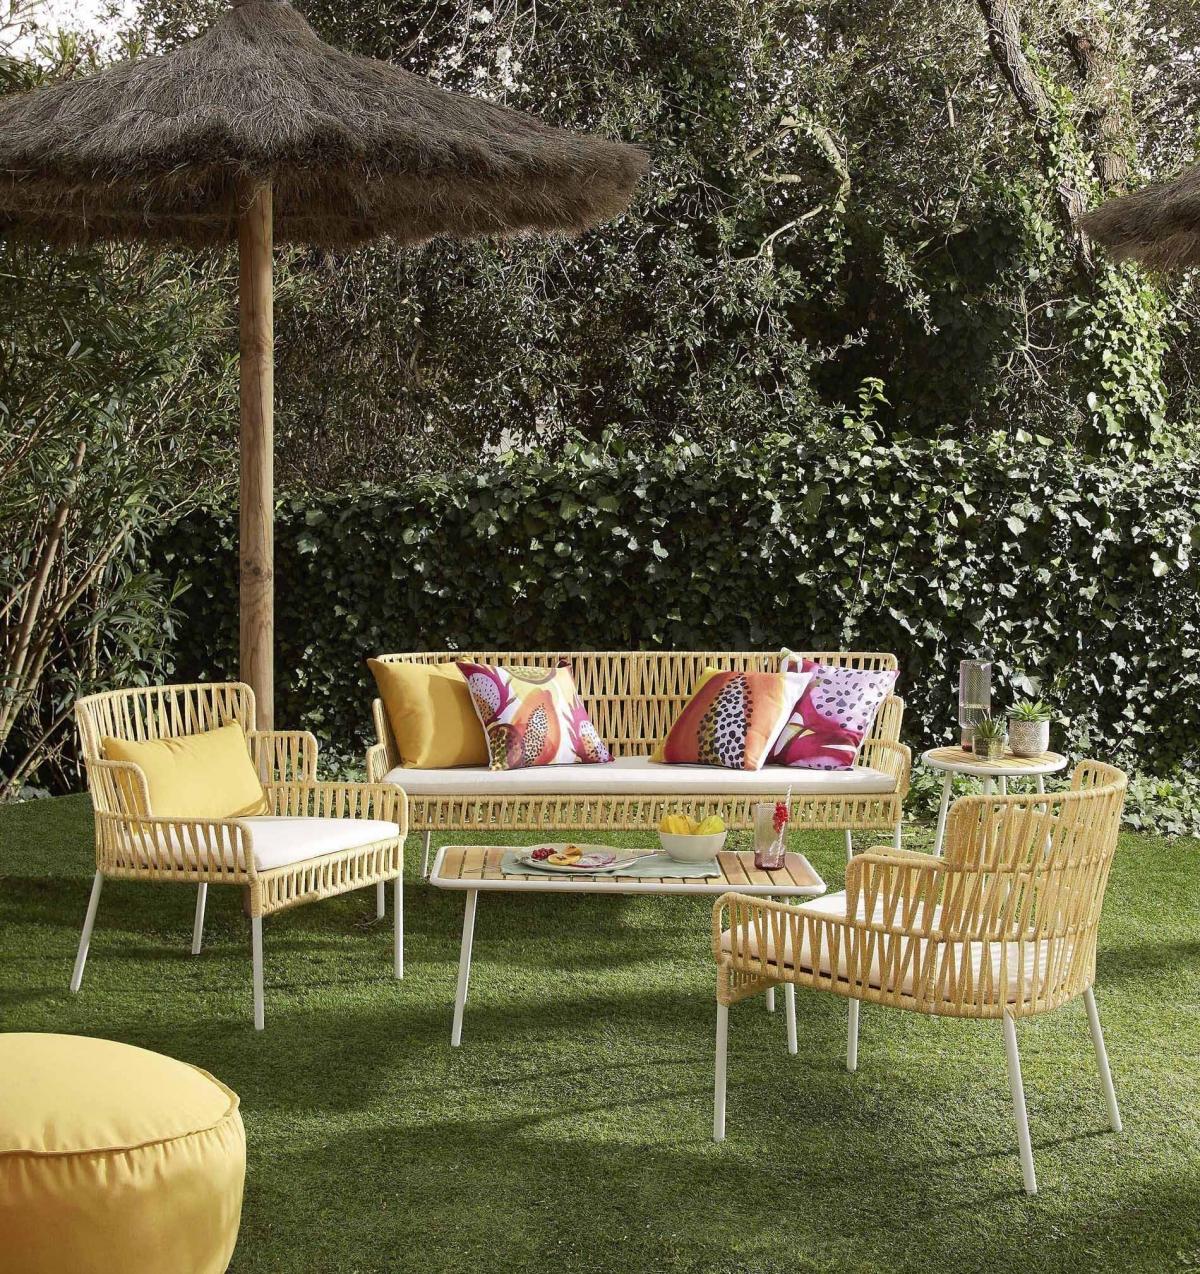 Оформление садового участка интересной мебелью